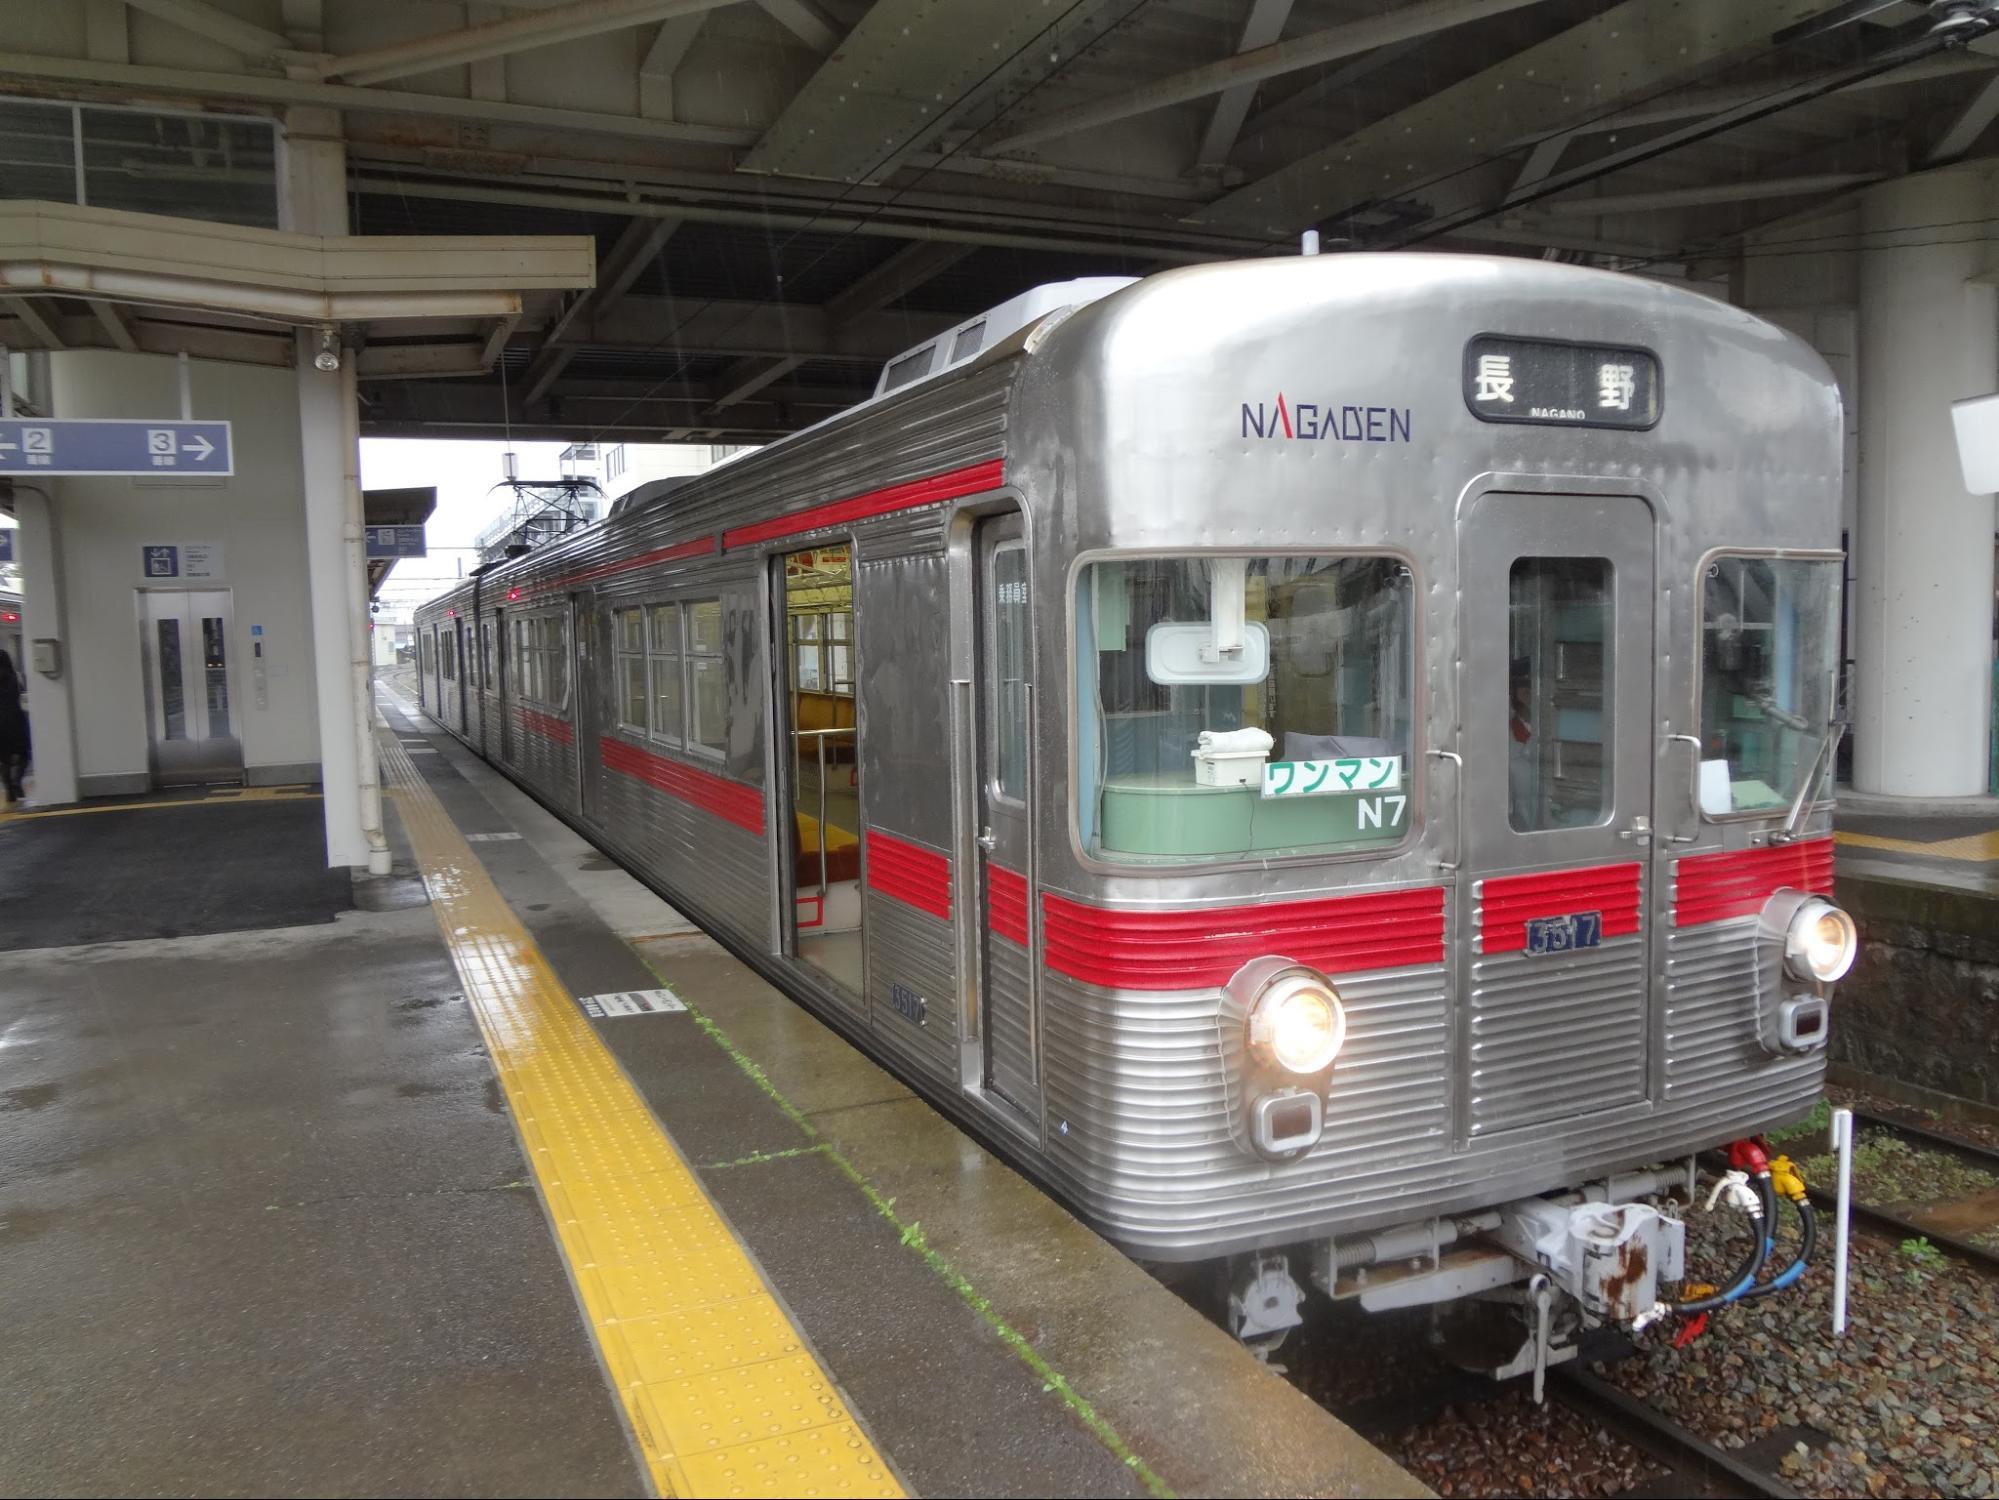 御柱祭のついでに長野の私鉄に乗ってきた ~2日目「長野電鉄」~